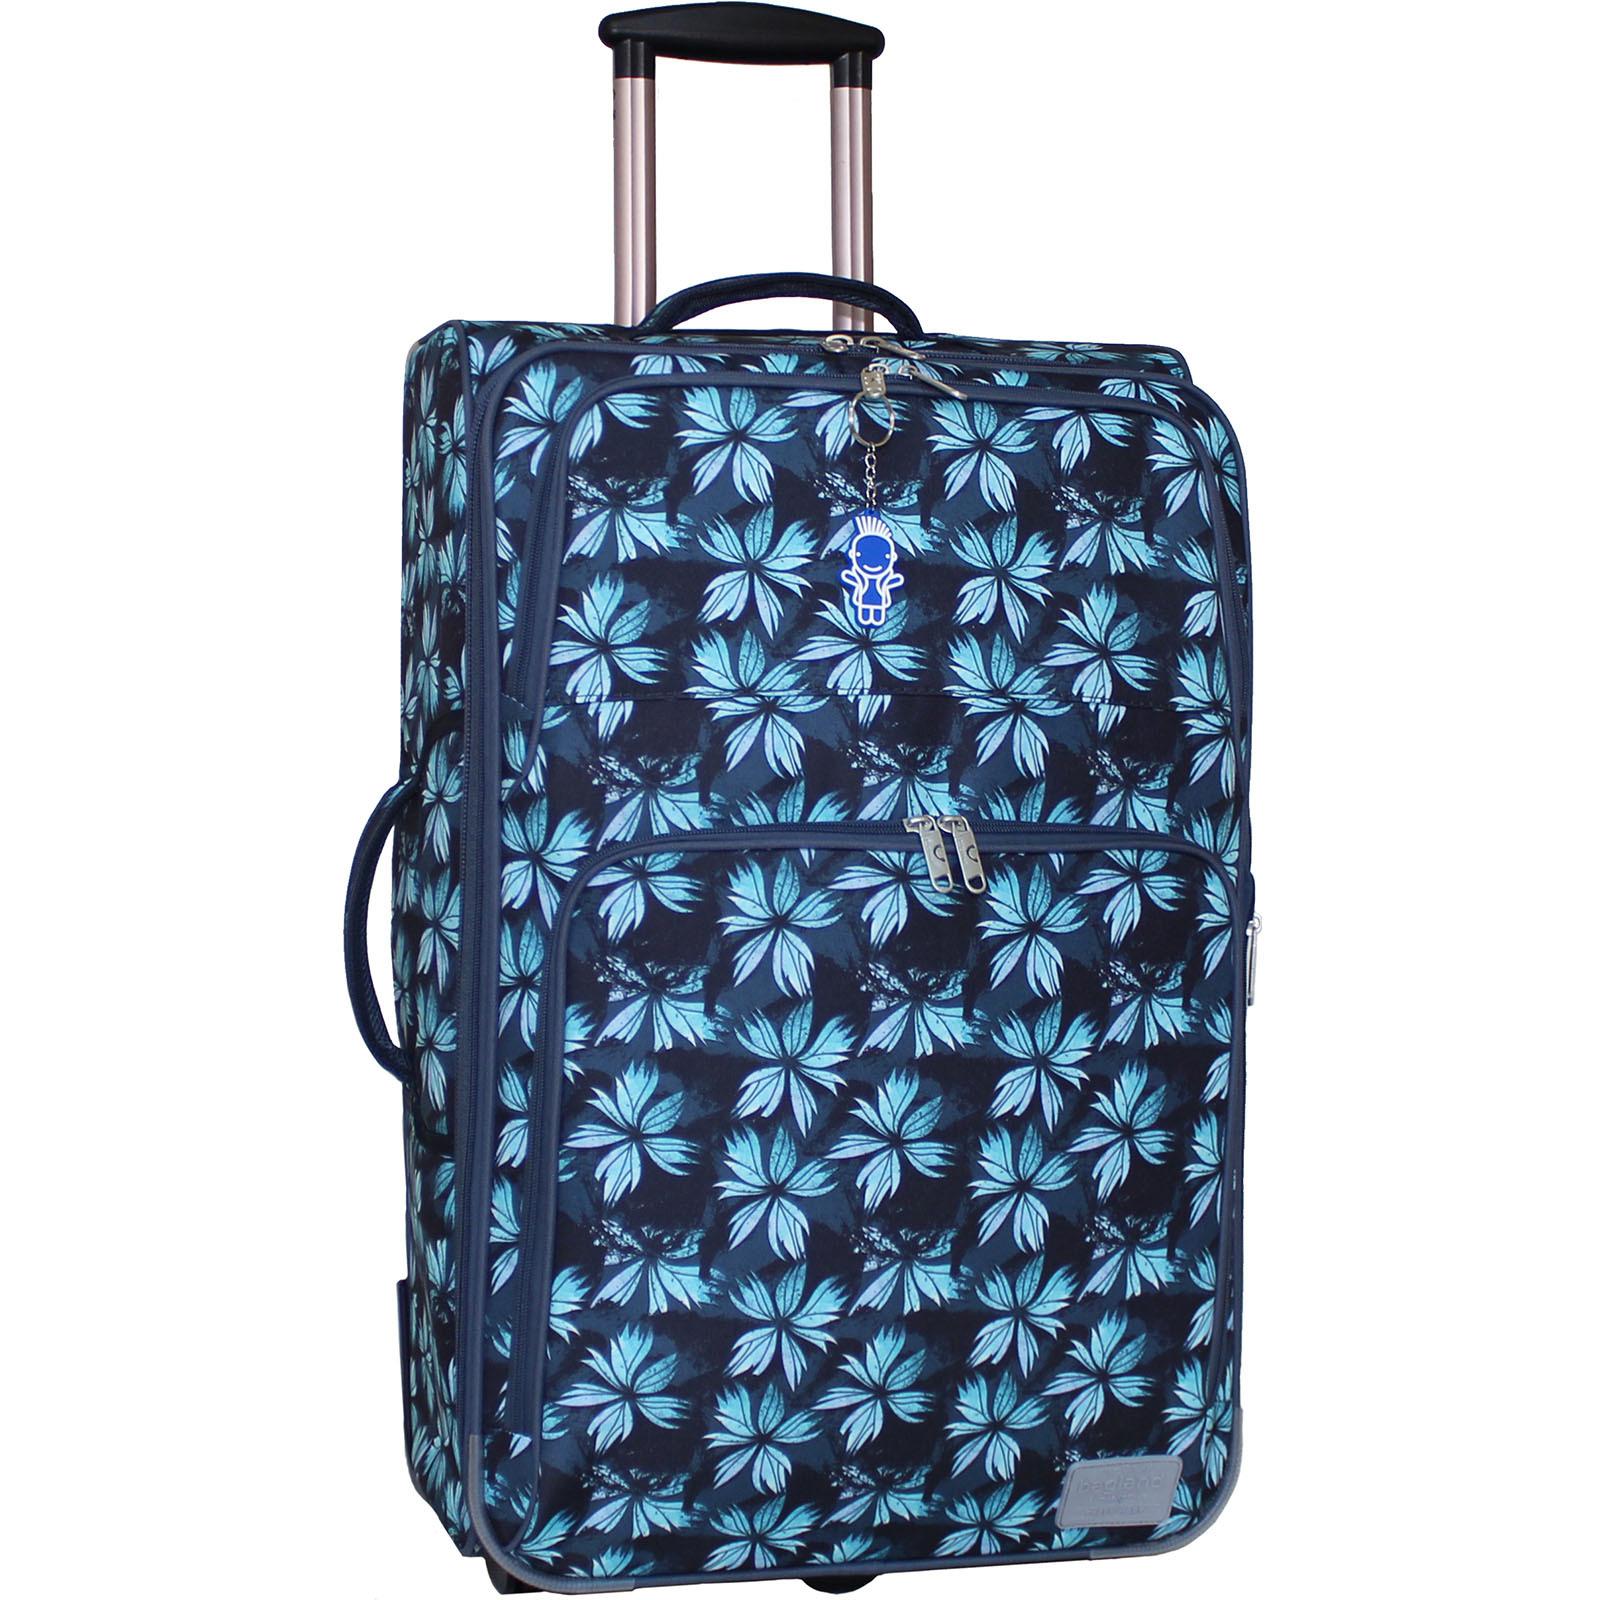 Дорожные чемоданы Чемодан Bagland Леон большой дизайн 70 л. сублимация (листья) (0037666274) IMG_6924.JPG